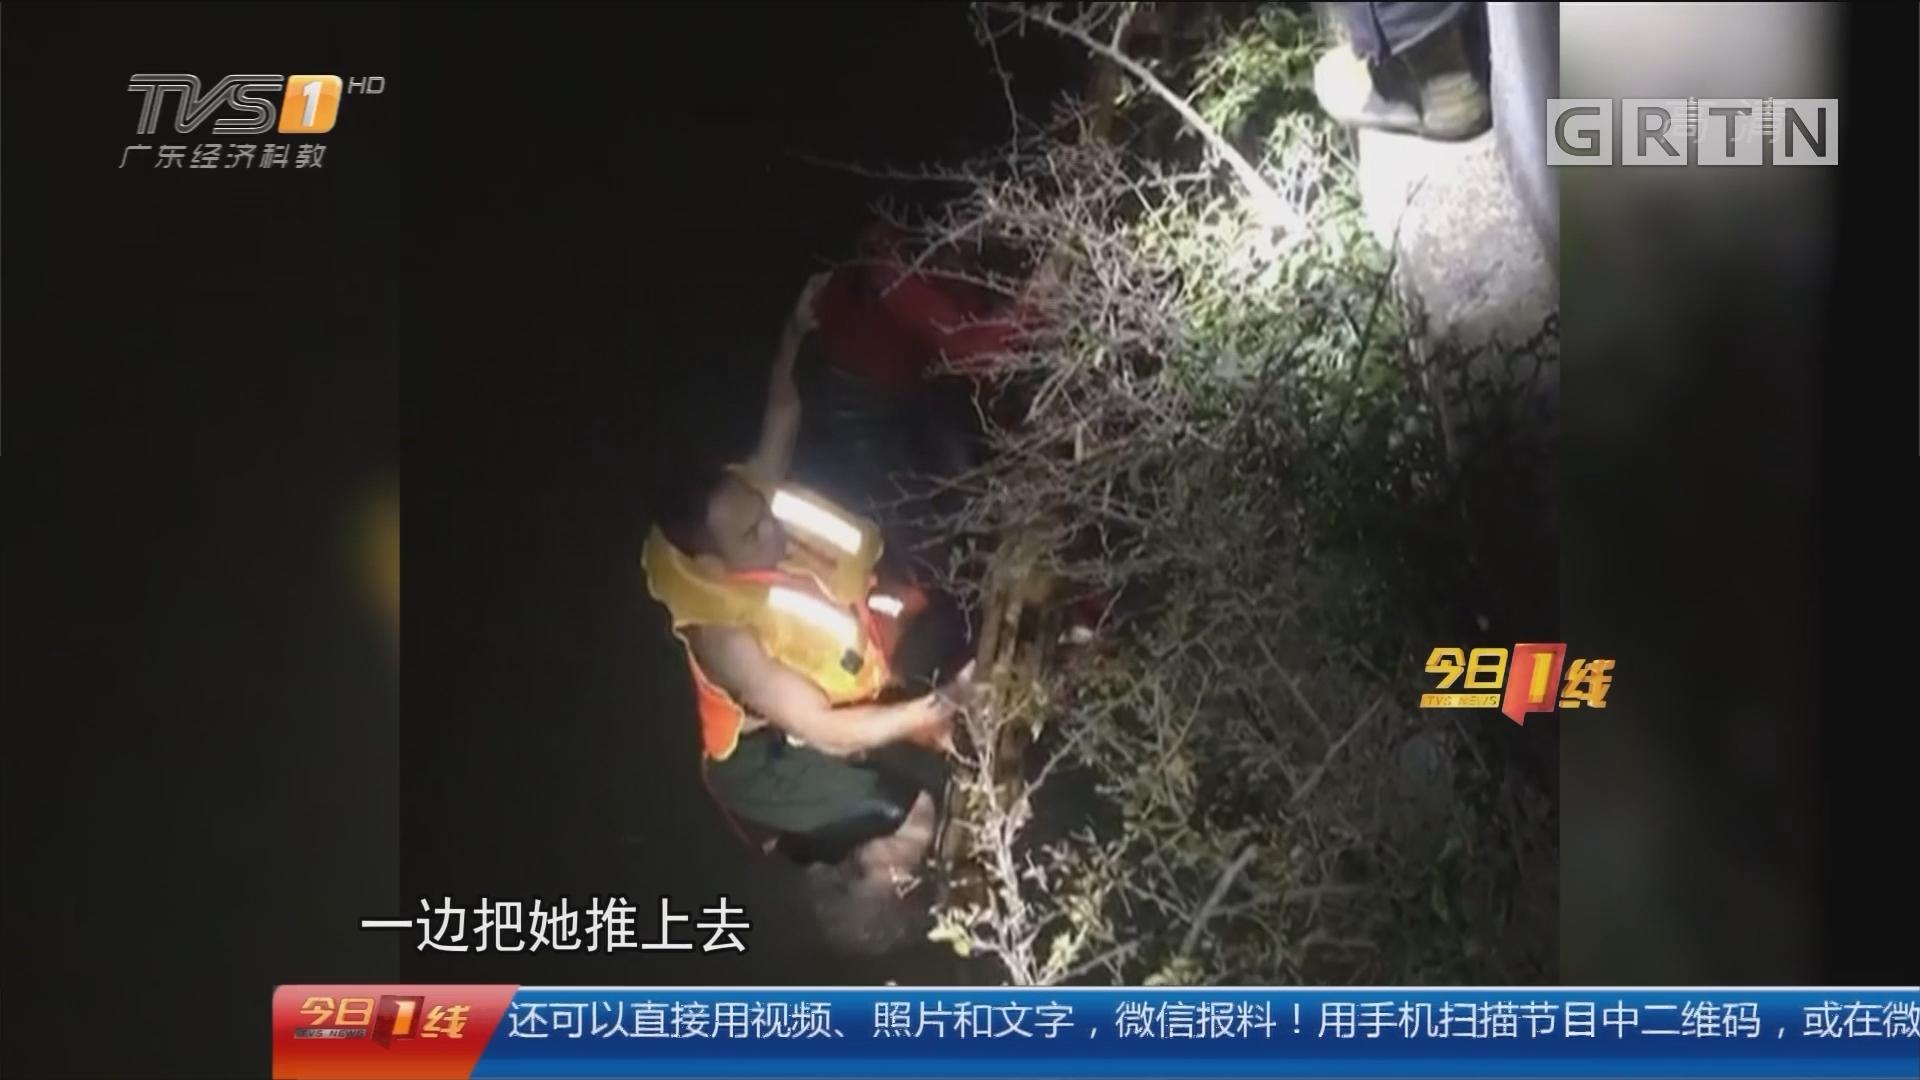 东莞:夫妻捡手机陷身河中 消防深夜救援